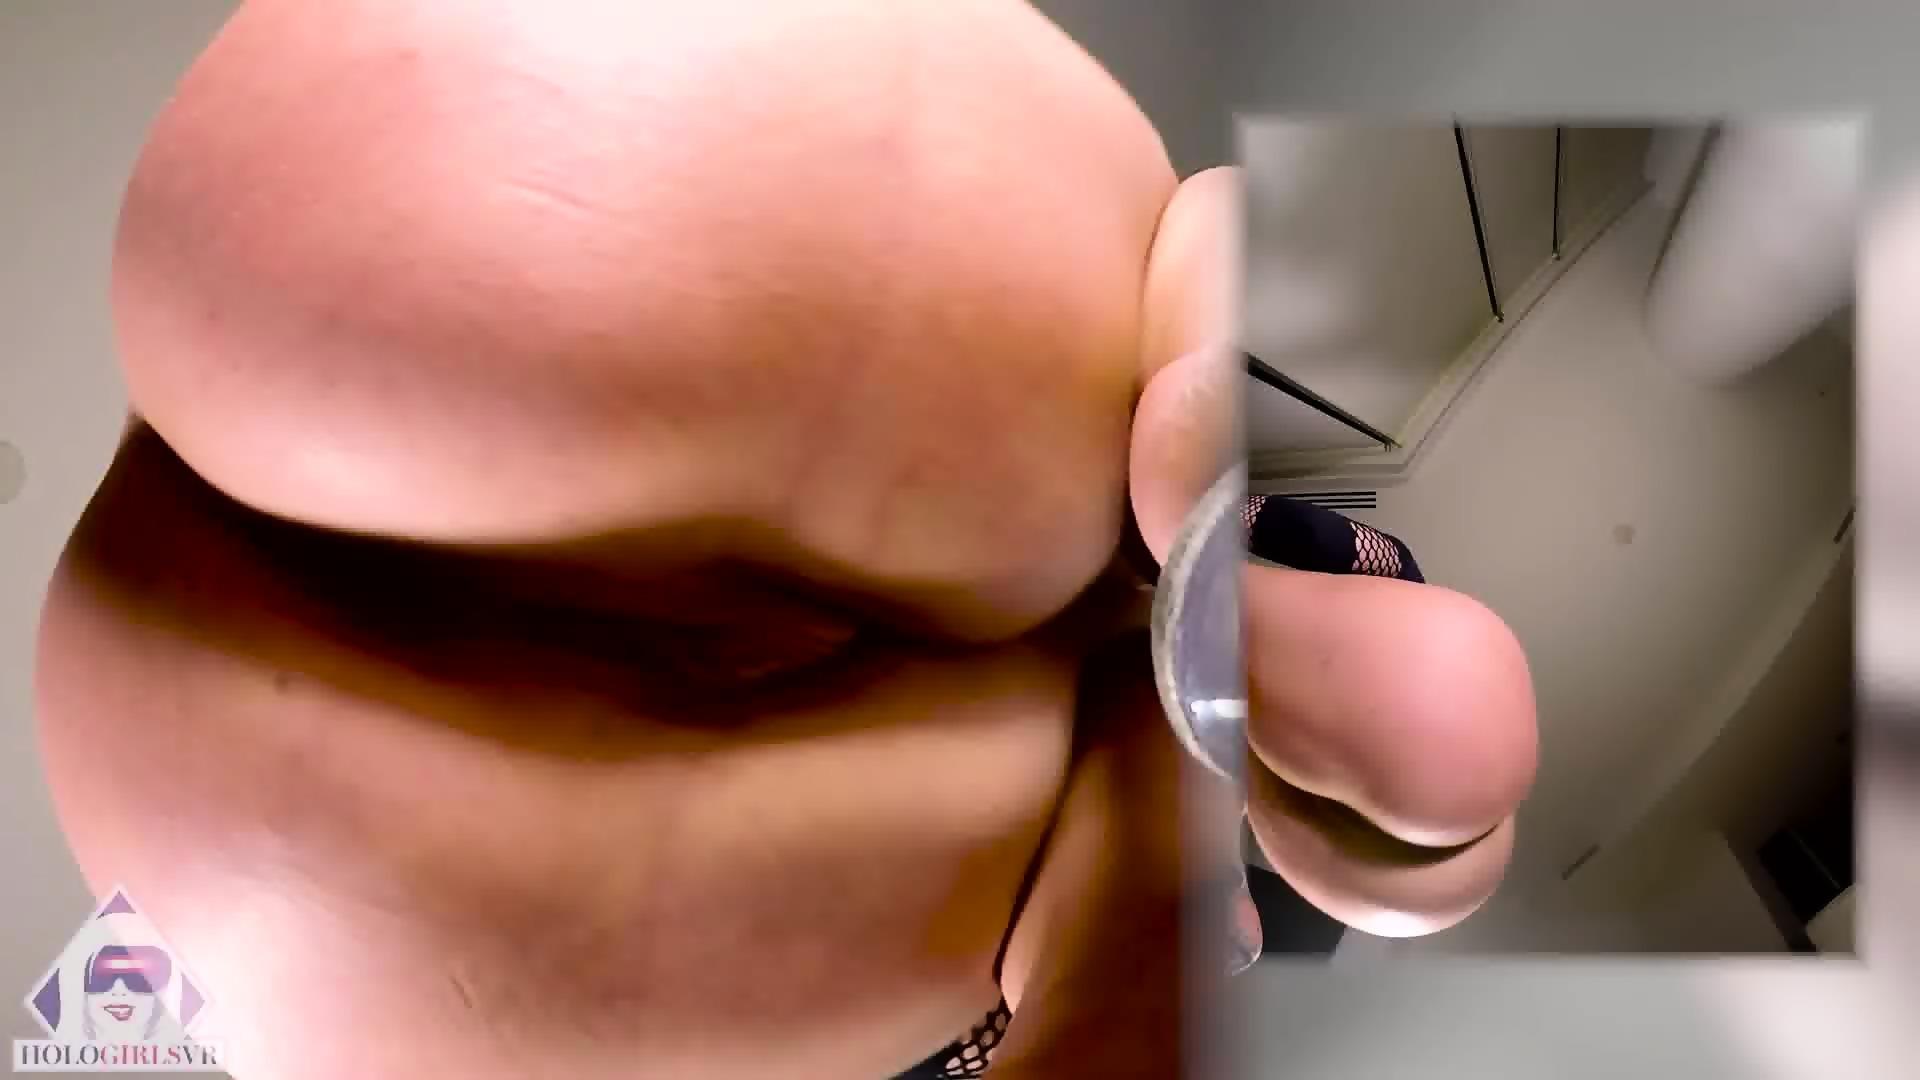 Hologirls vr presenta sasha leigh facesitting 4